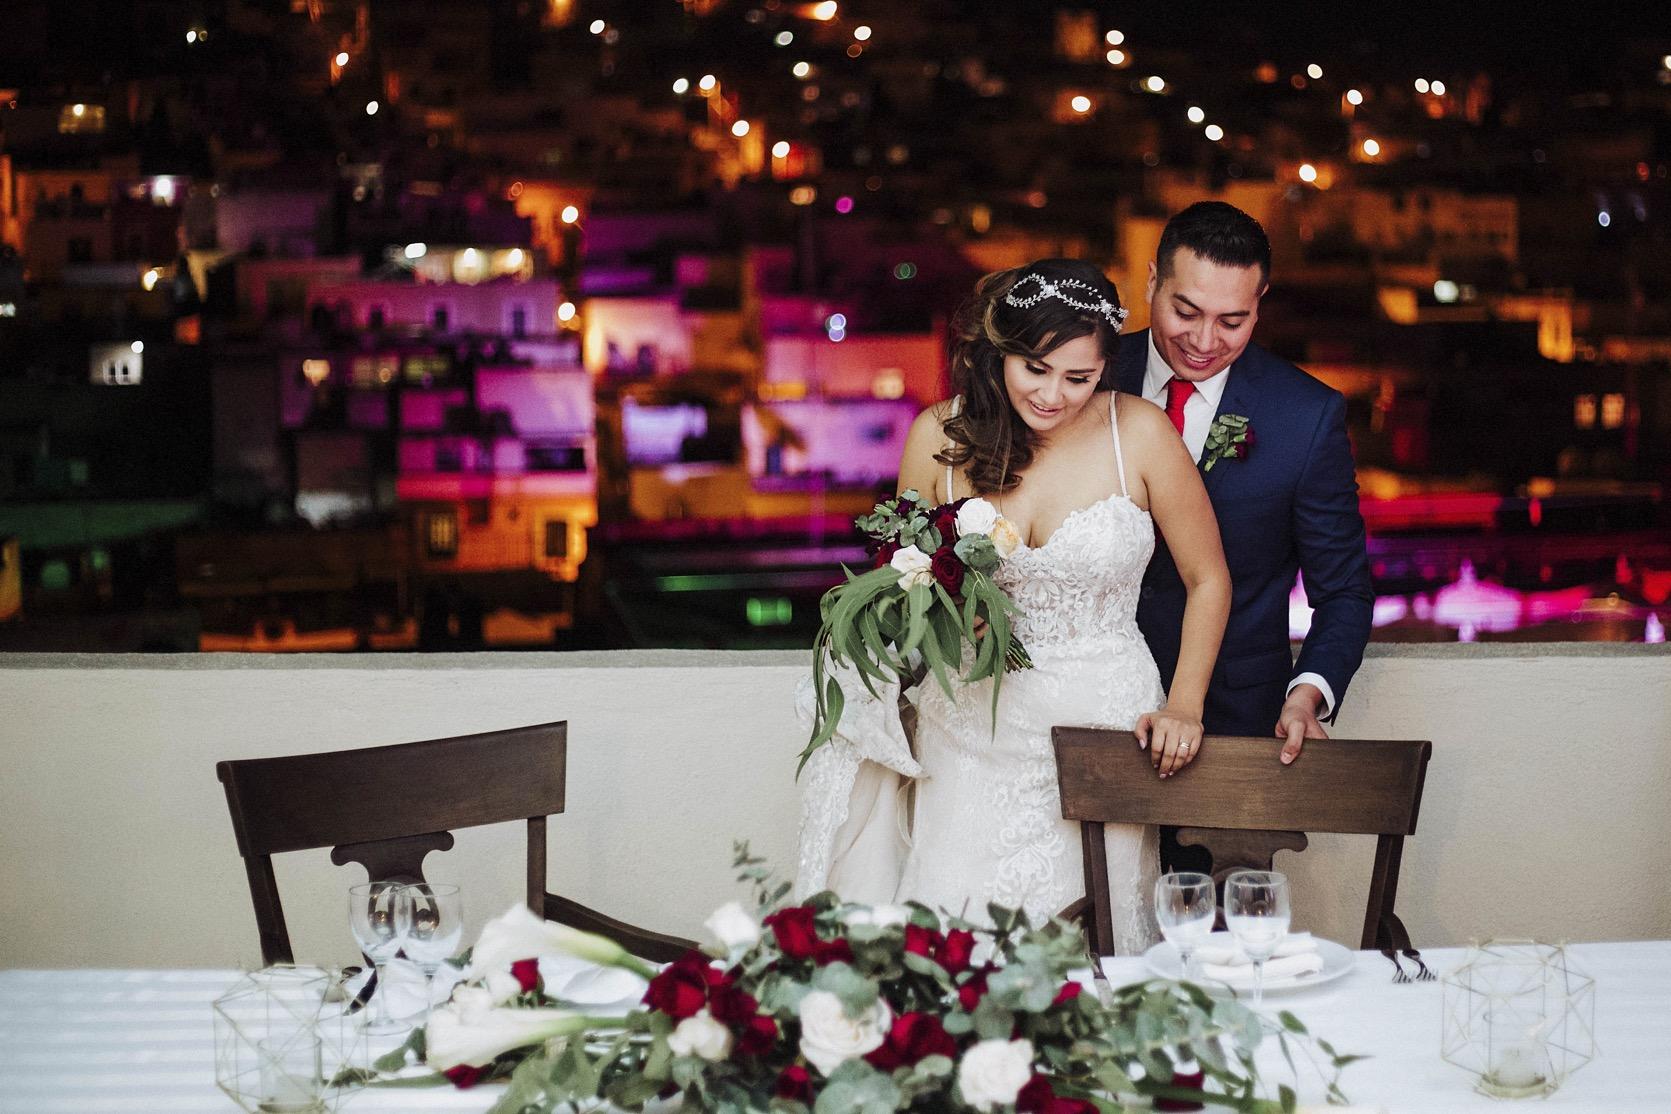 fotografo_profesional_bodas_zacatecas_mexico-65